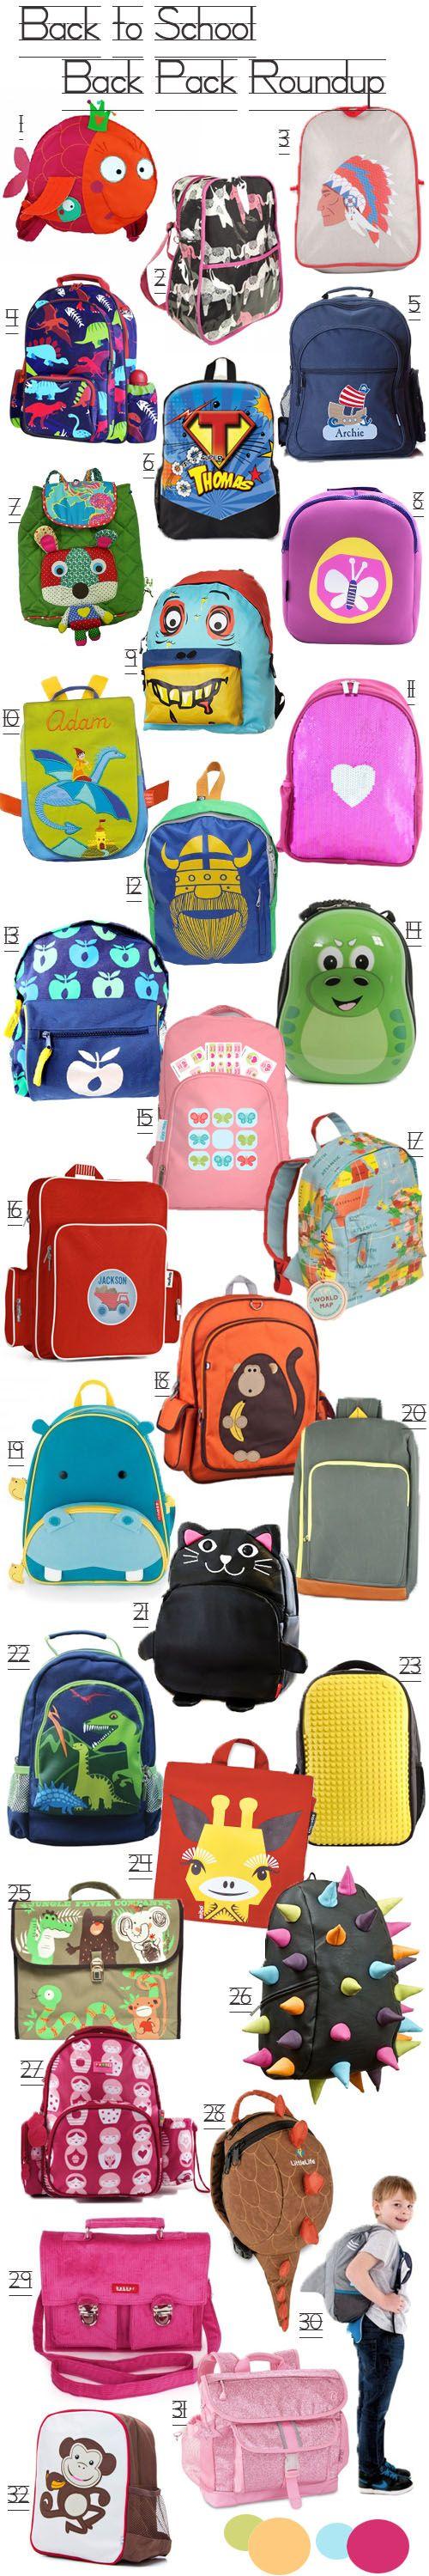 KidStyleFile Roundup: Top 32 Best Kids Backpacks 2014